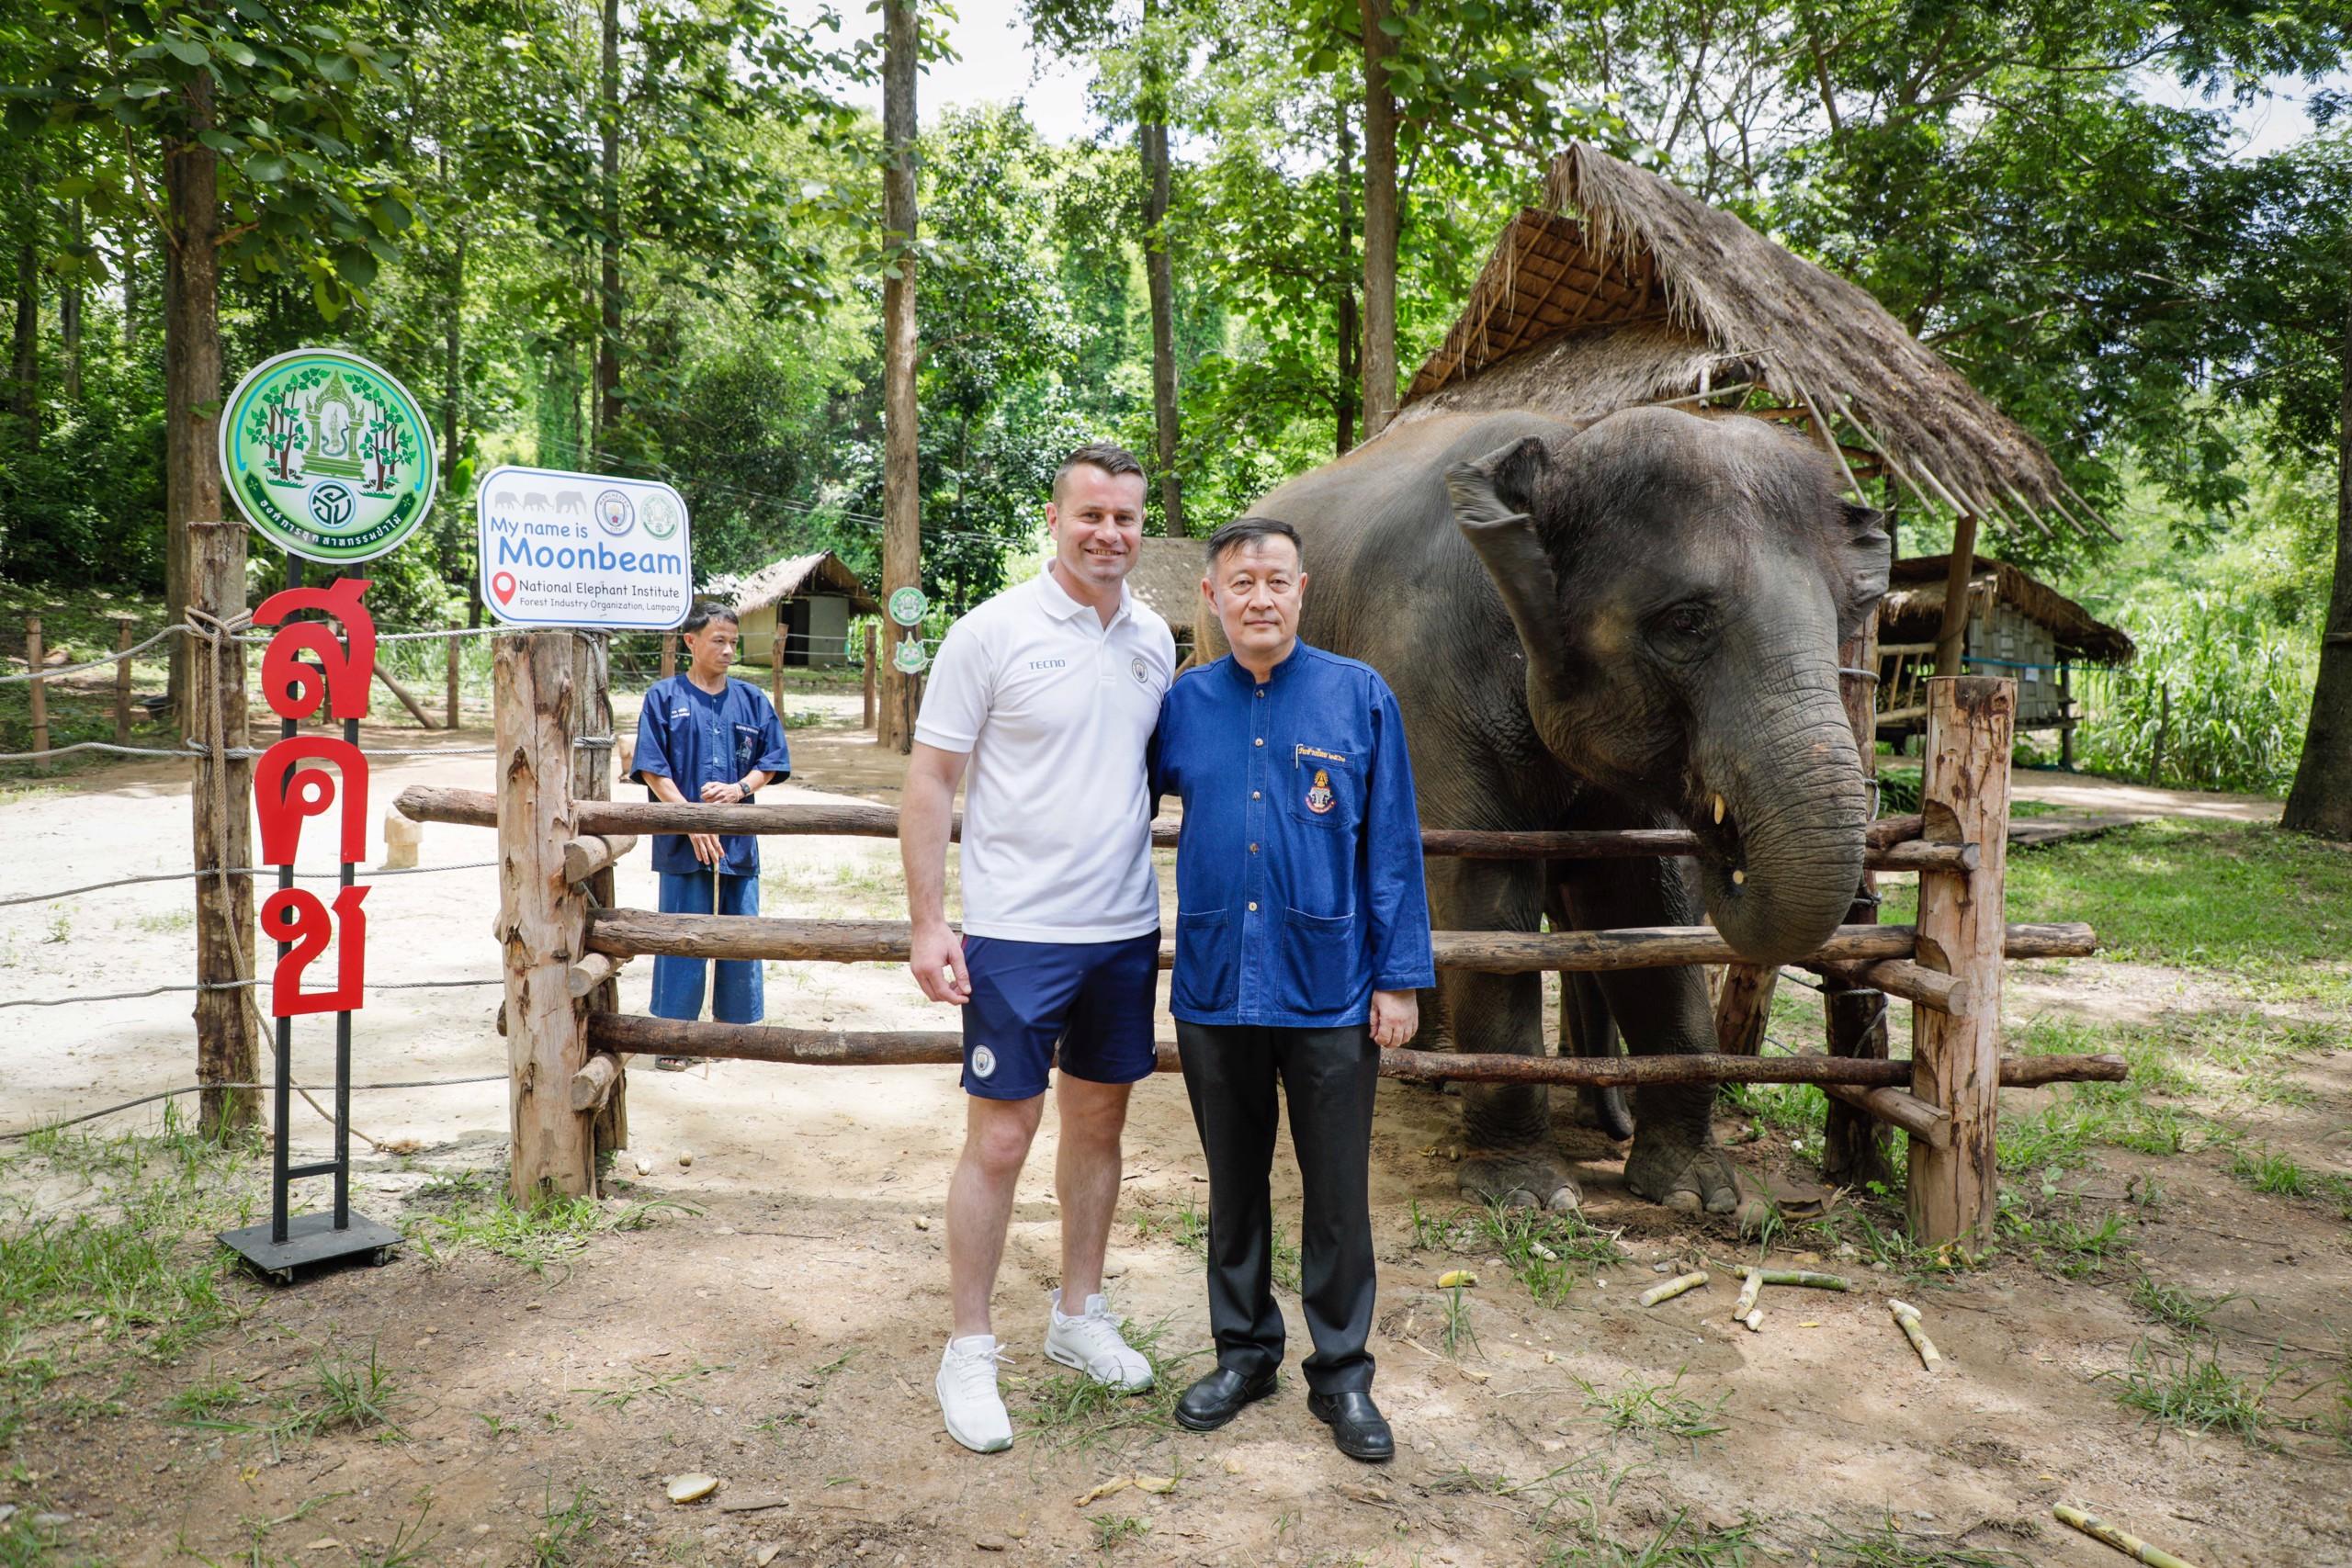 ว่าที่พันตรีอภิชาติ  จินดามงคล ผู้อำนวยการสถาบันคชบาลแห่งชาติ ถ่ายภาพเป็นที่ระลึกร่วมกับเชย์ กิฟเว่น หลังจากเสร็จกิจกรรมตั้งชื่อลูกช้าง มูนบีม